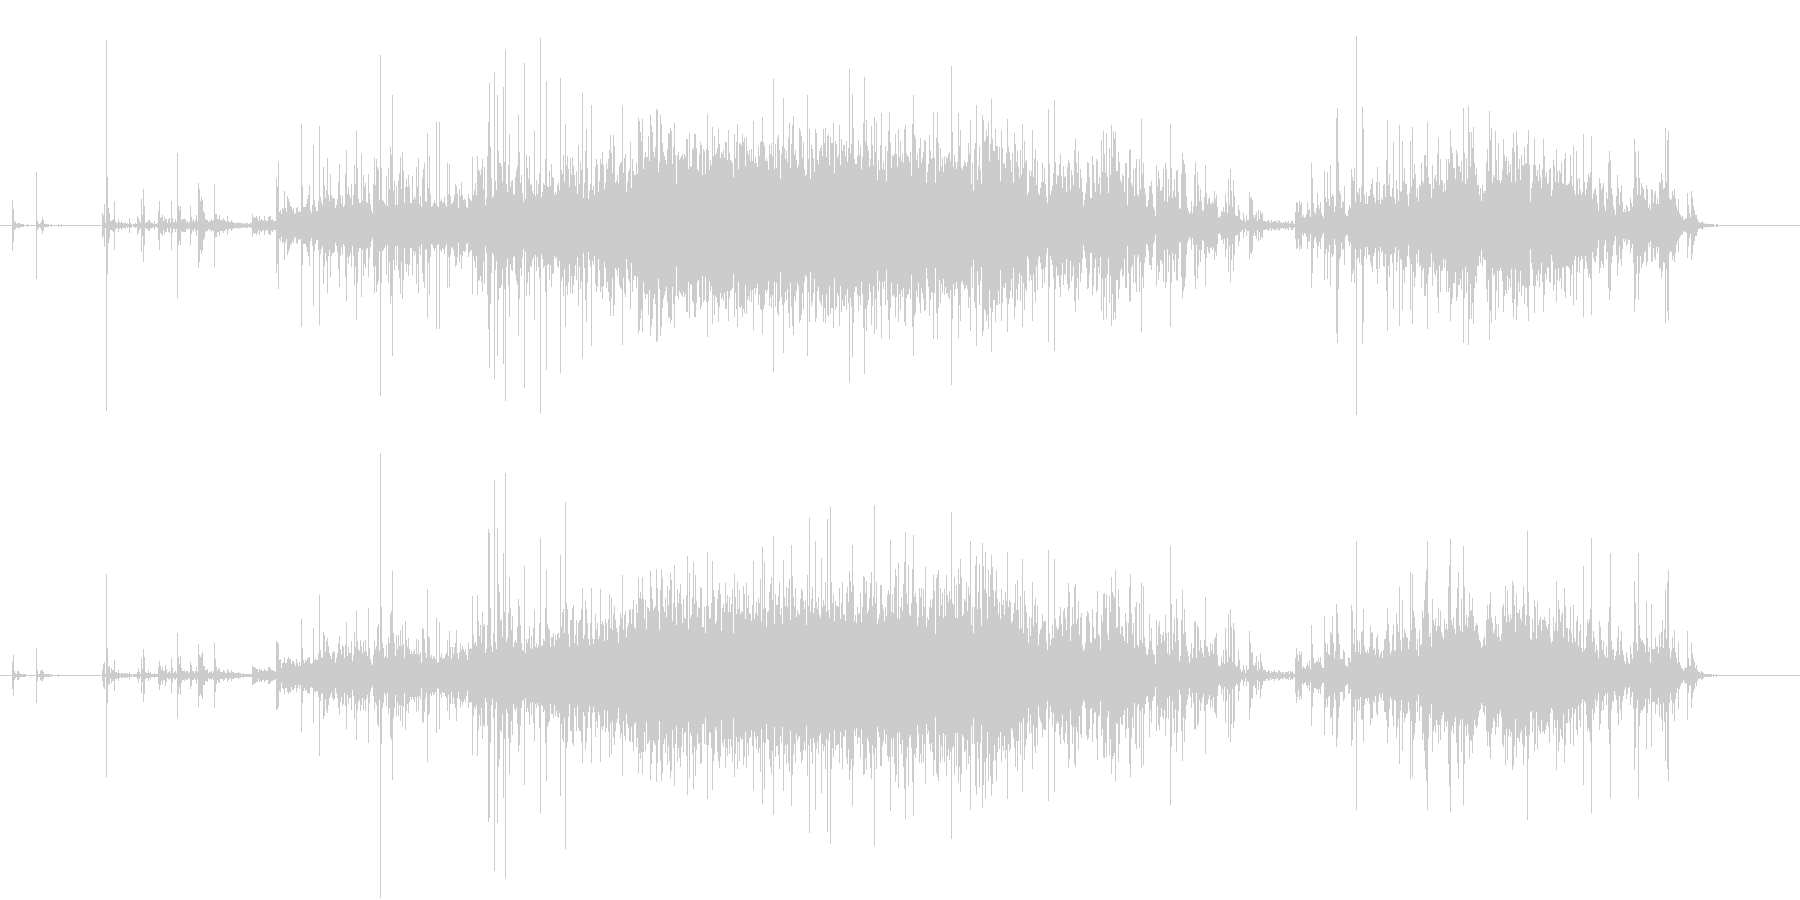 【生録音】米粒(生米)を取り出す音 2の未再生の波形